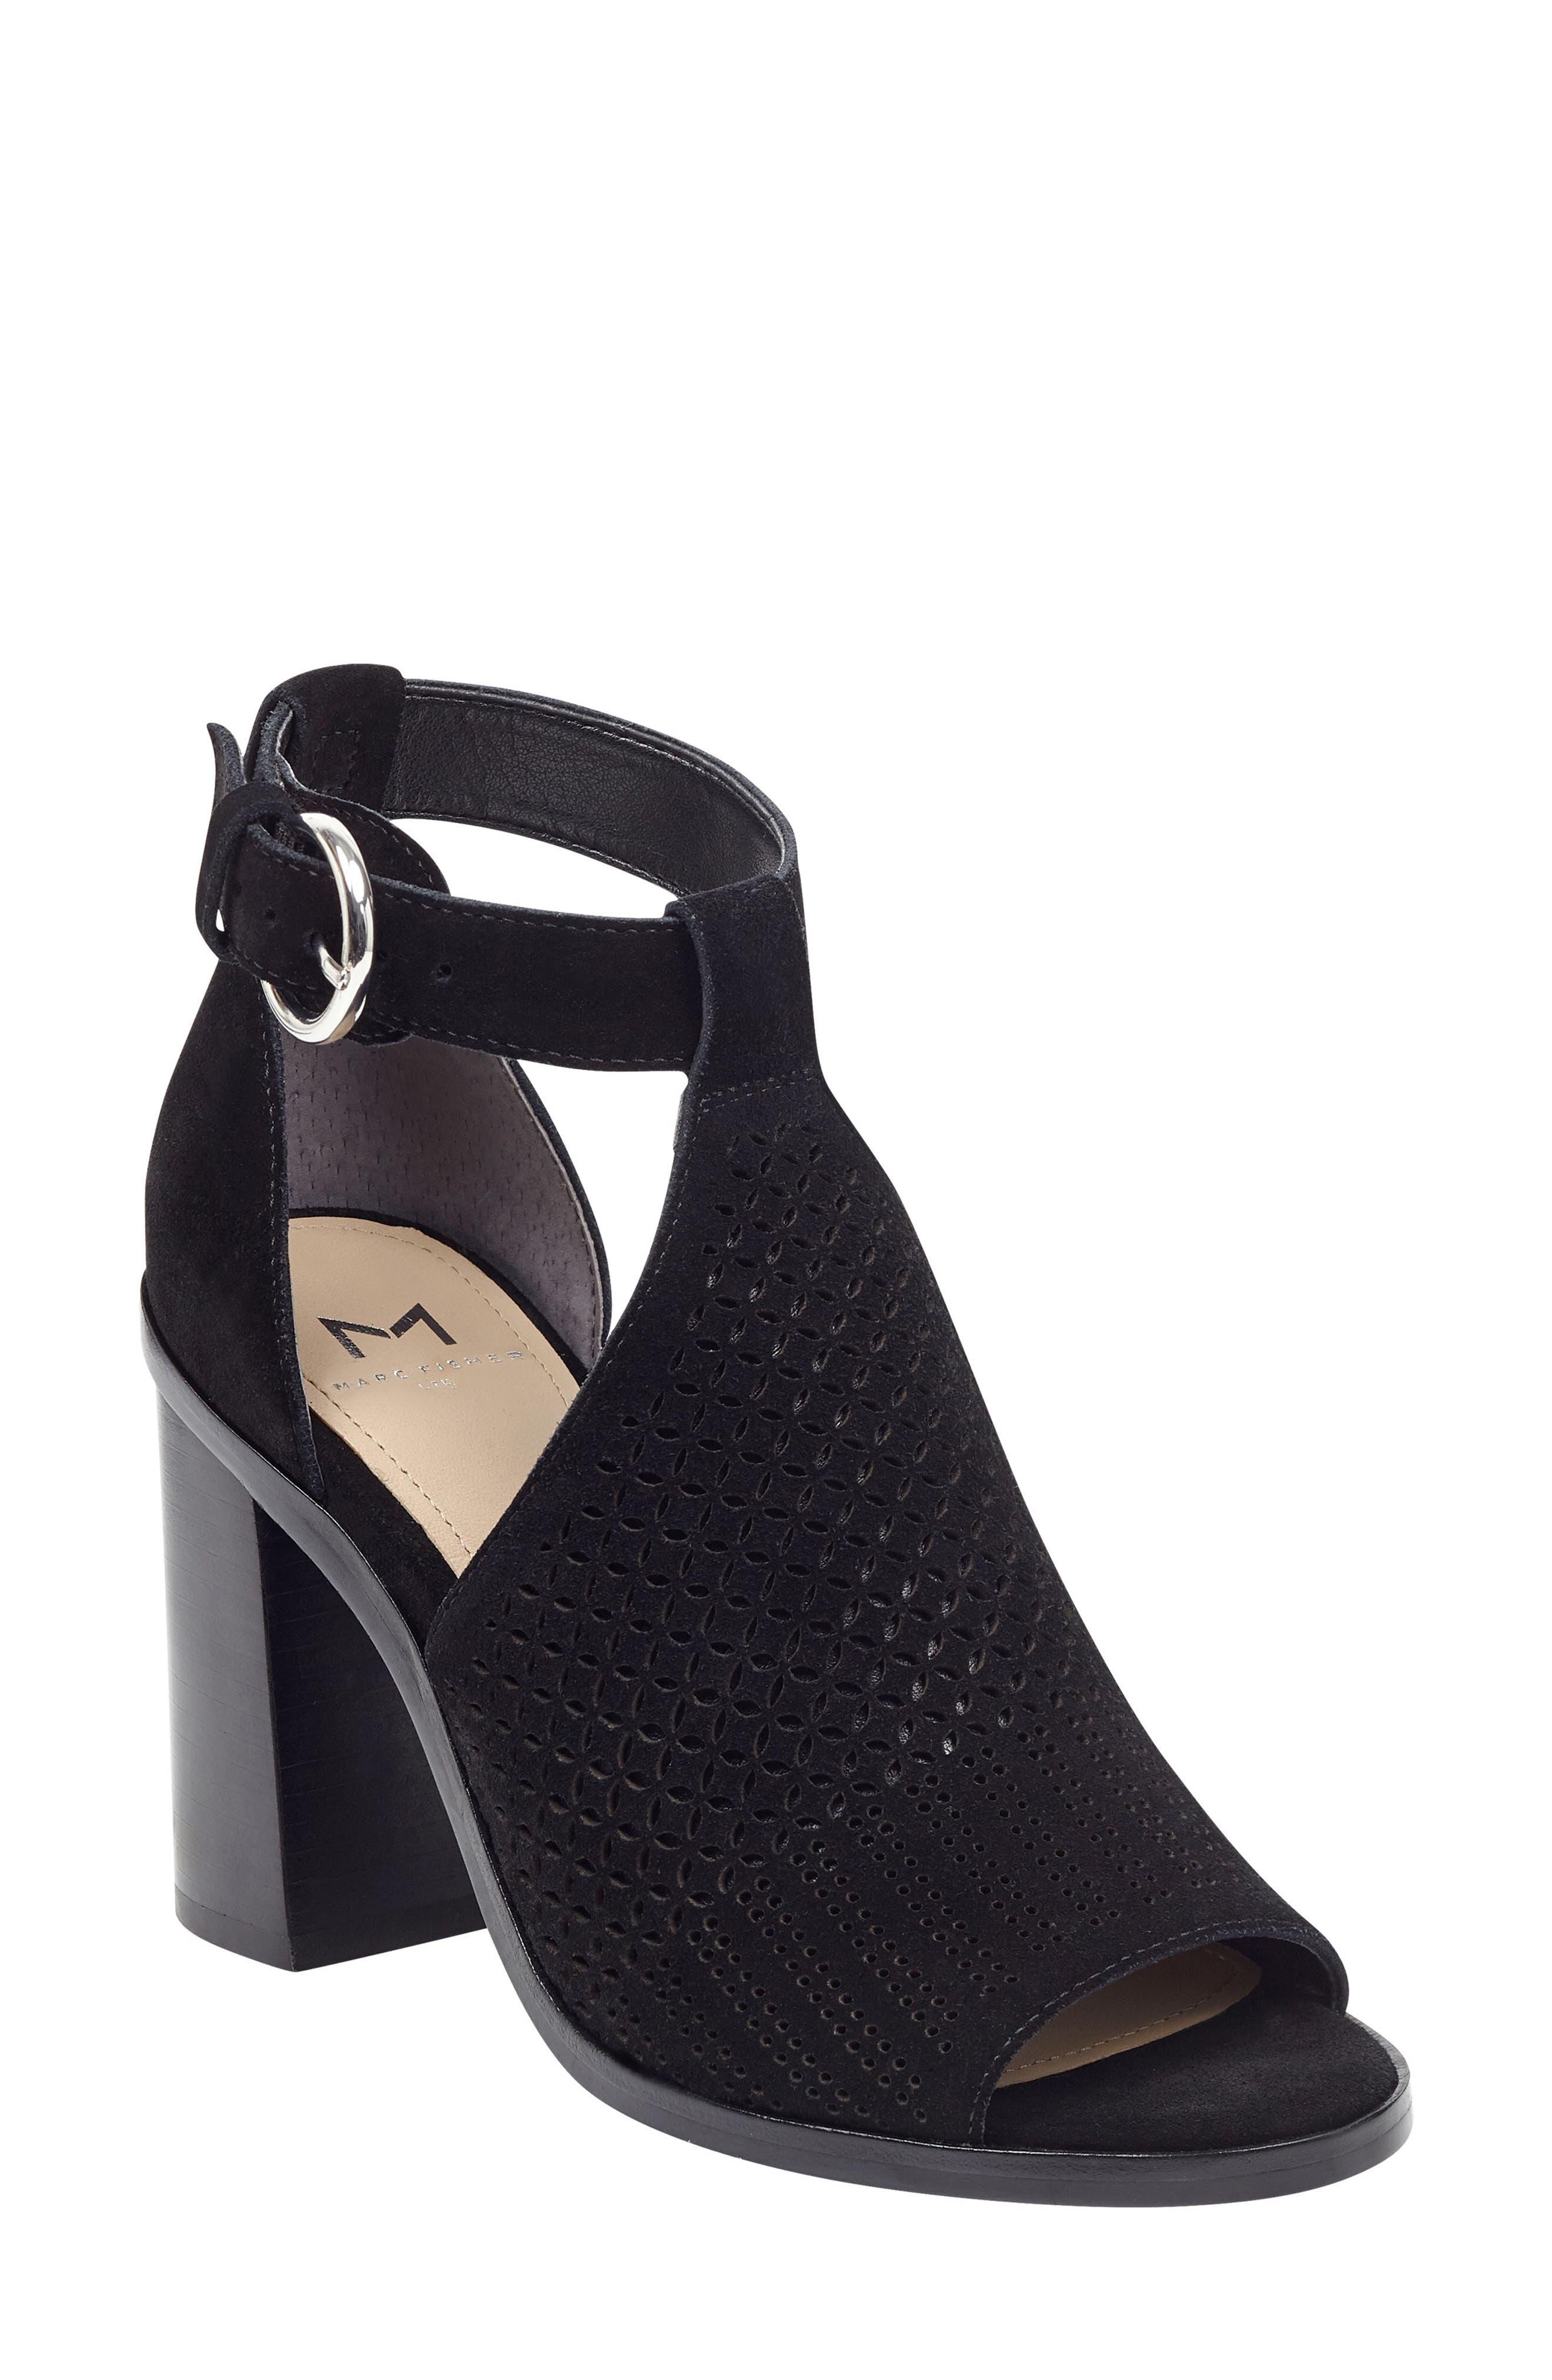 Marc Fisher Ltd Vixen Sandal- Black